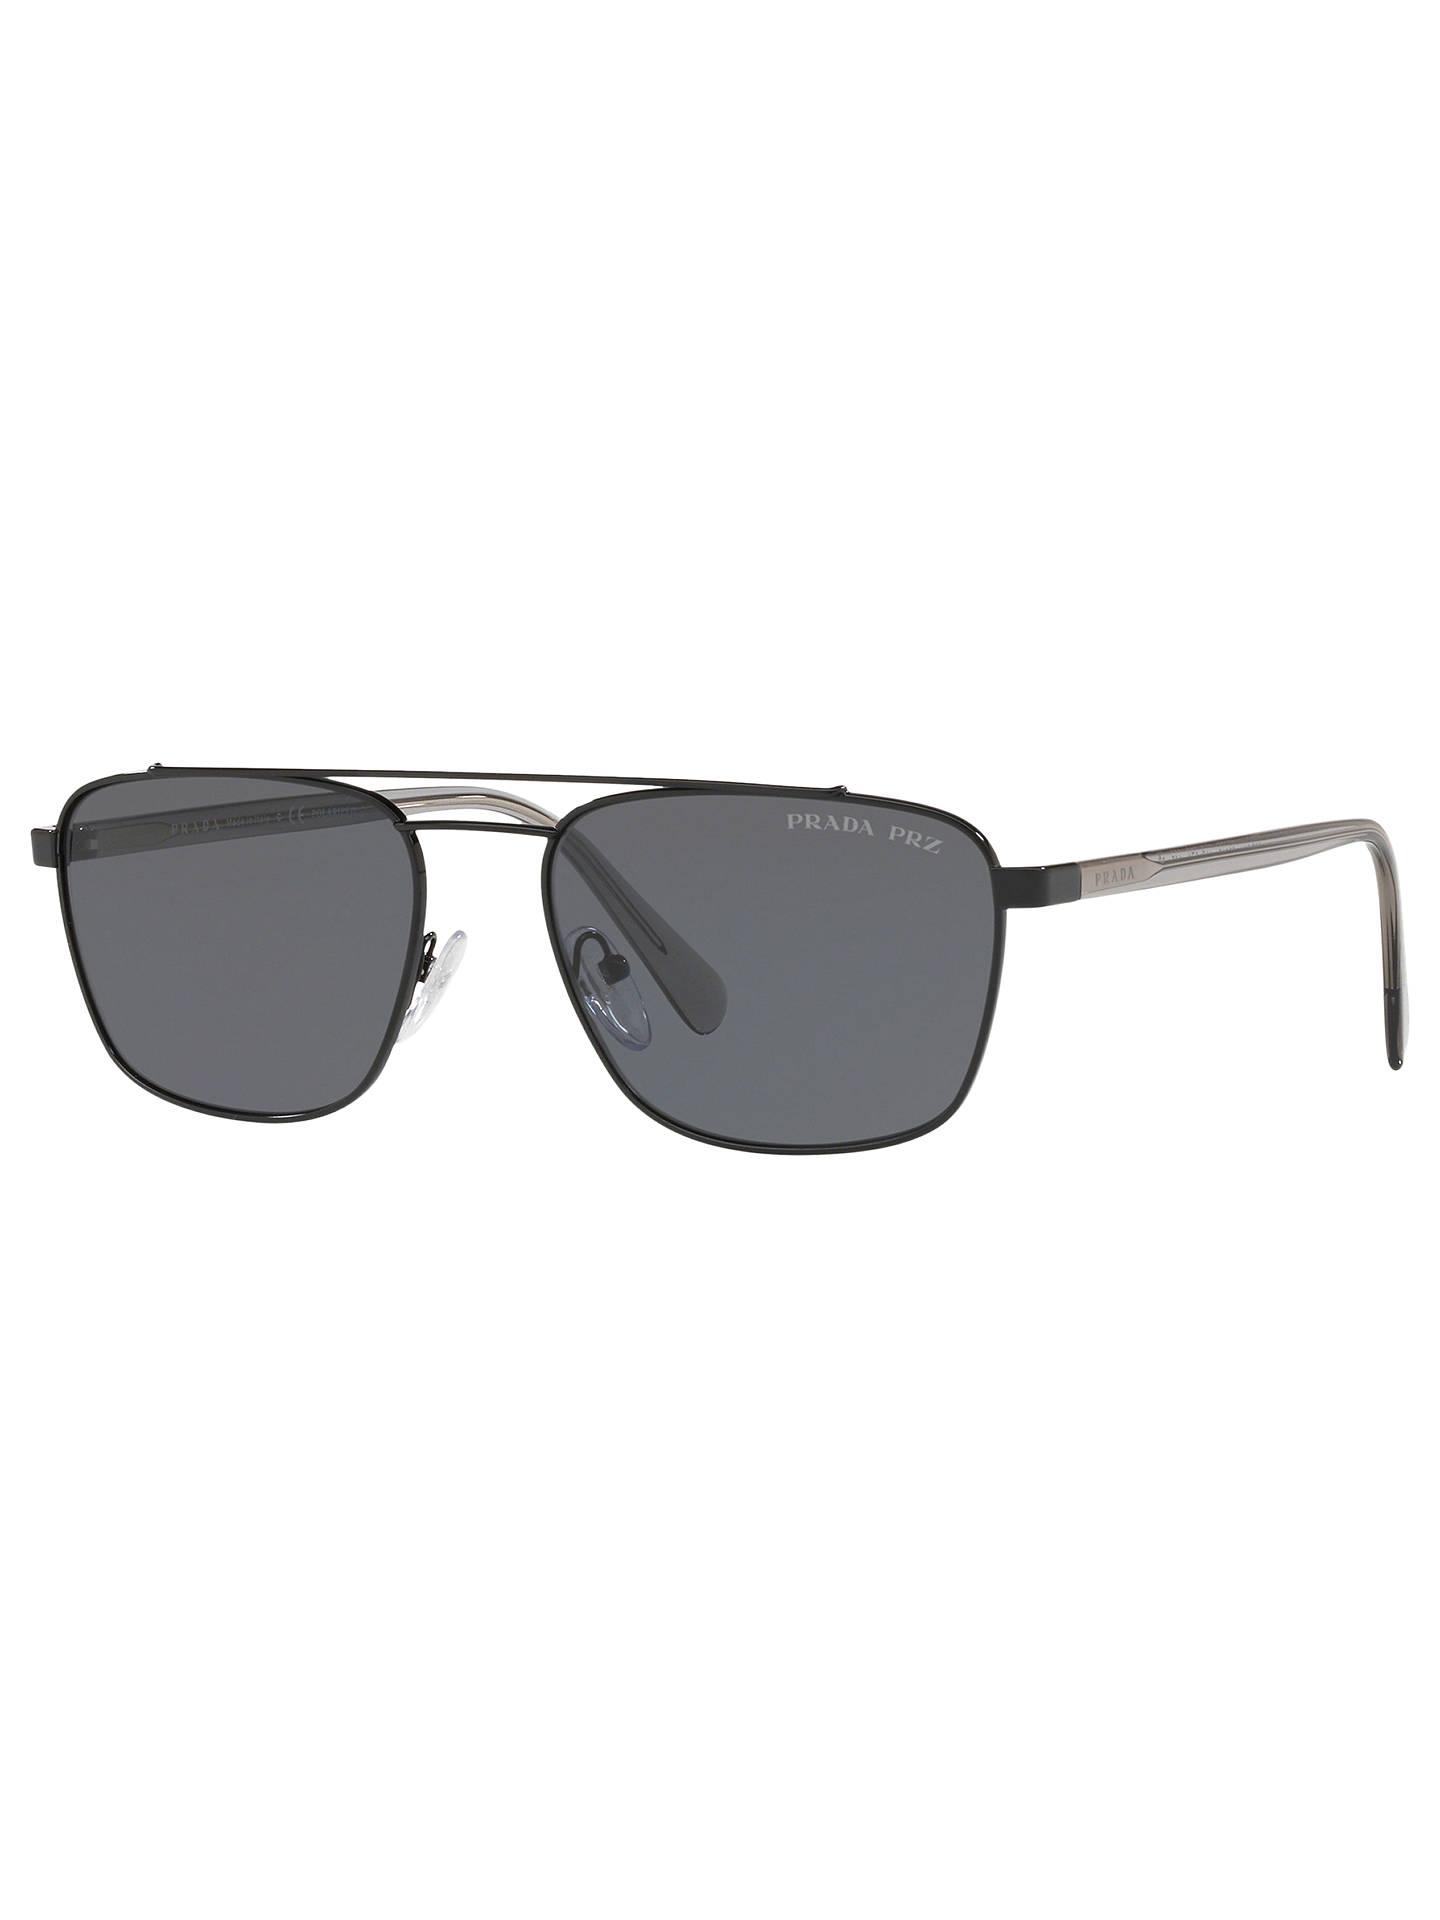 0ca2d8bba0c Buy Prada PR 61US Men s Polarised Square Sunglasses